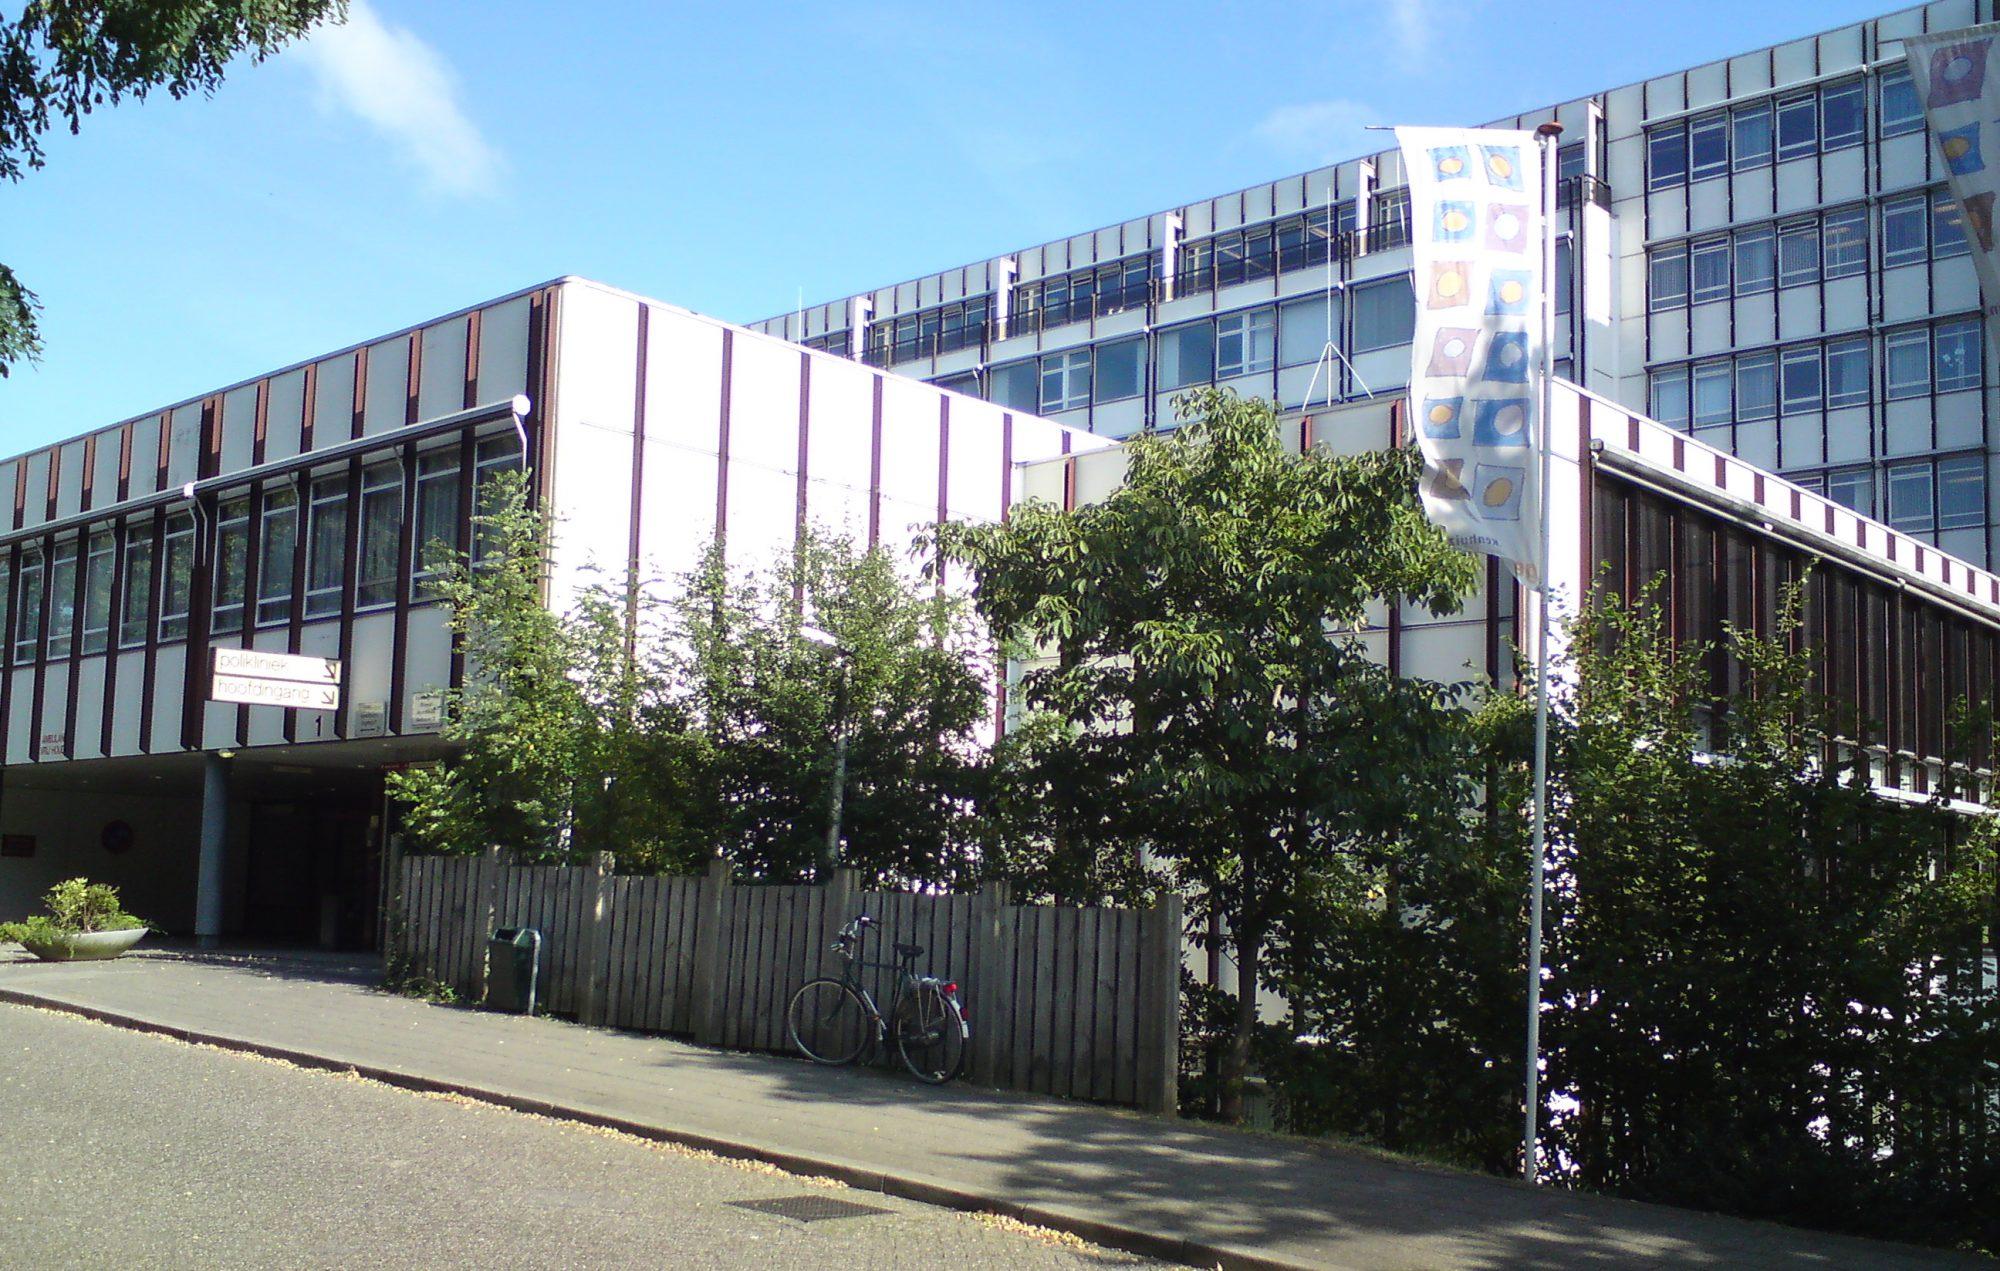 Juliana Ziekenhuis Apeldoorn